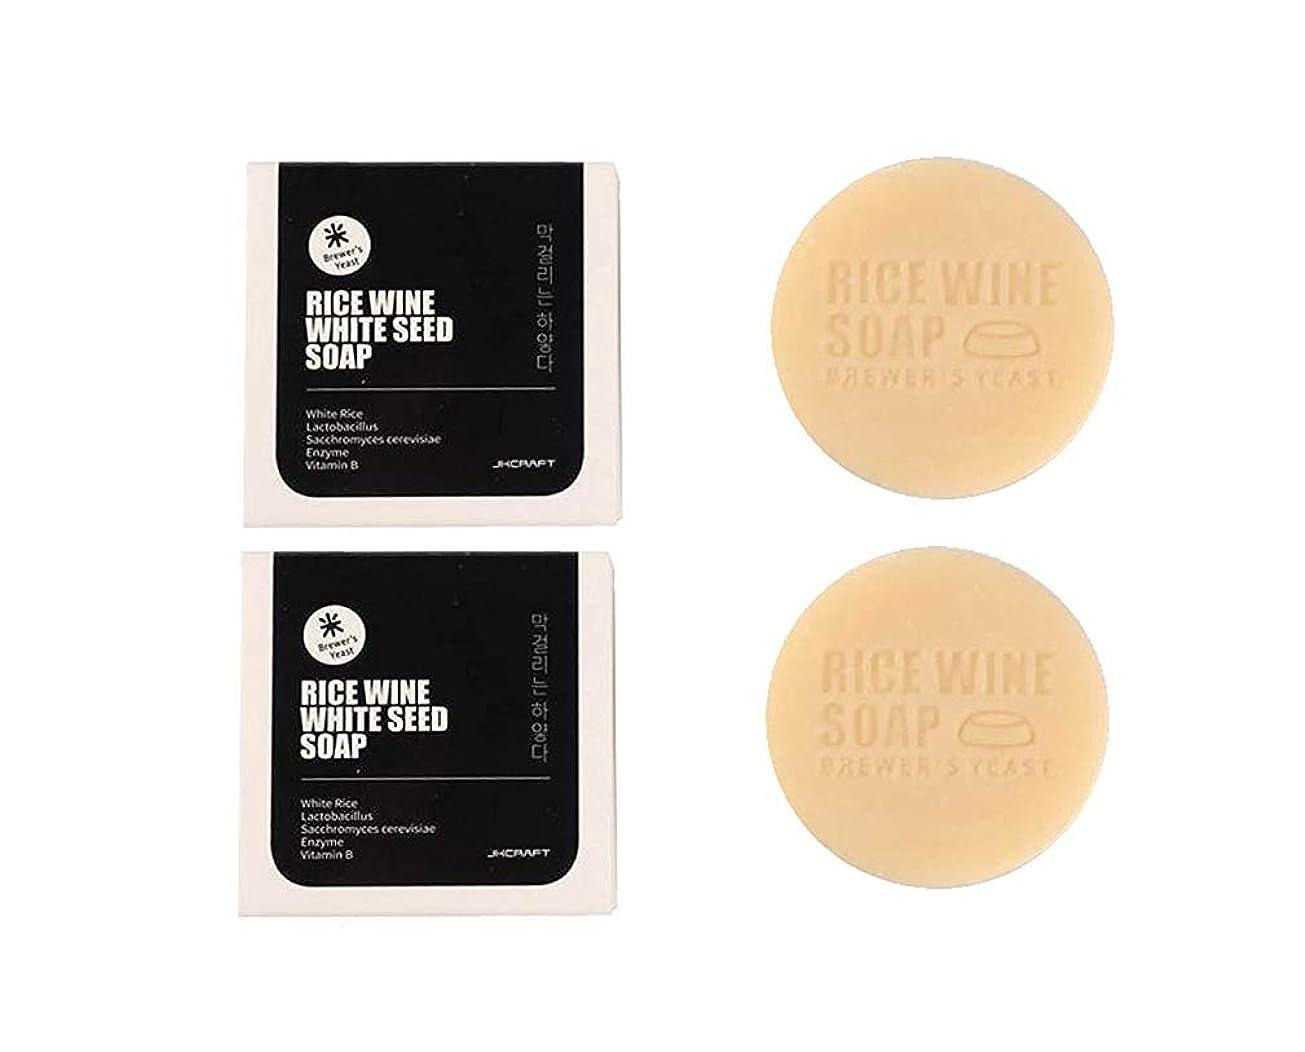 原点くそー錫JKCRAFT RICEWINE WHITE SEED SOAP マッコリ酵母石鹸,無添加,無刺激,天然洗顔石鹸 2pcs [並行輸入品]